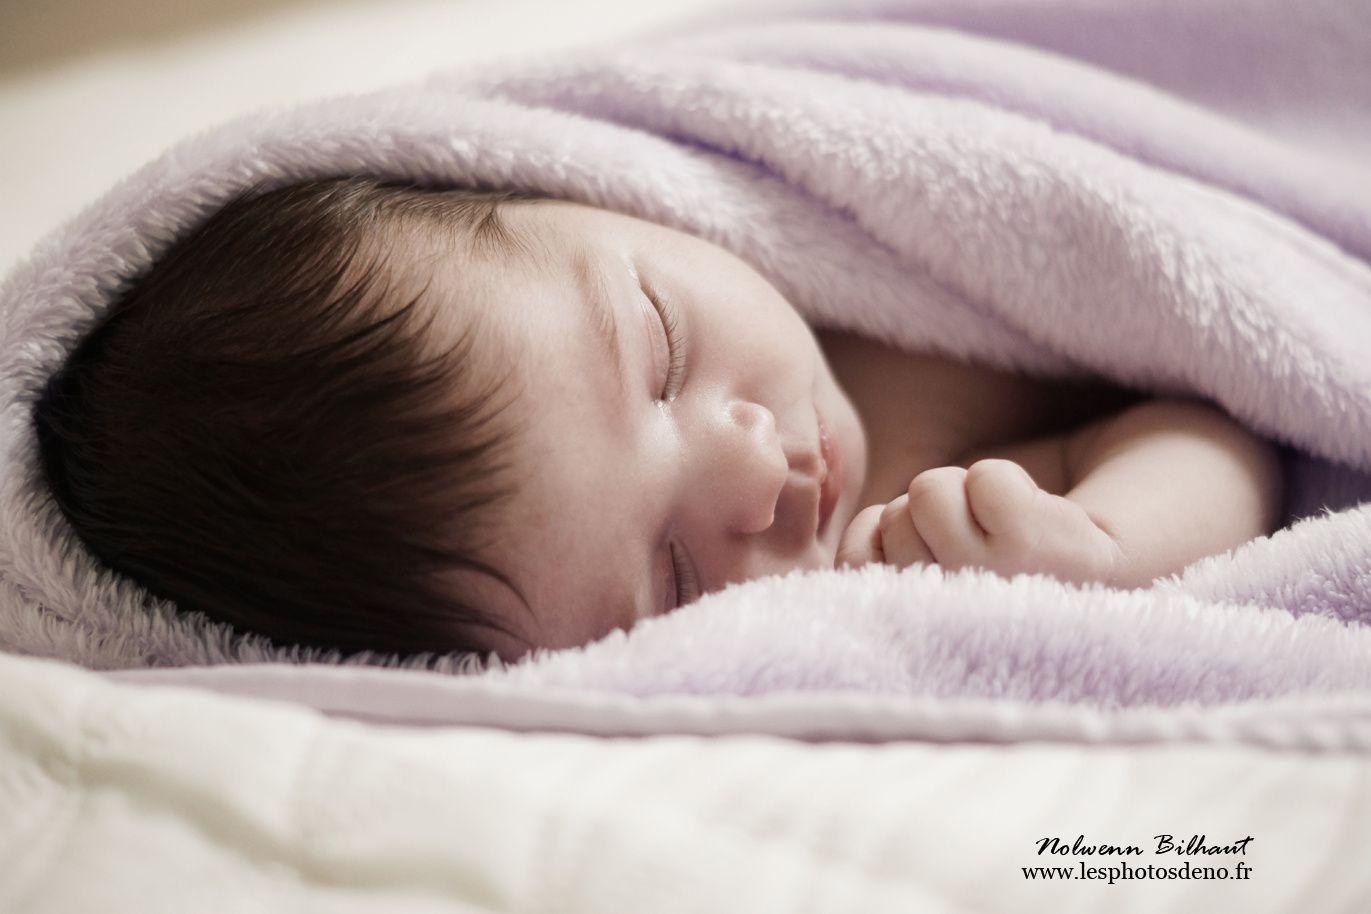 Photographe naissance Ain, Séance photo avec la jolie Léa, par Nolwenn Bihaut photographe